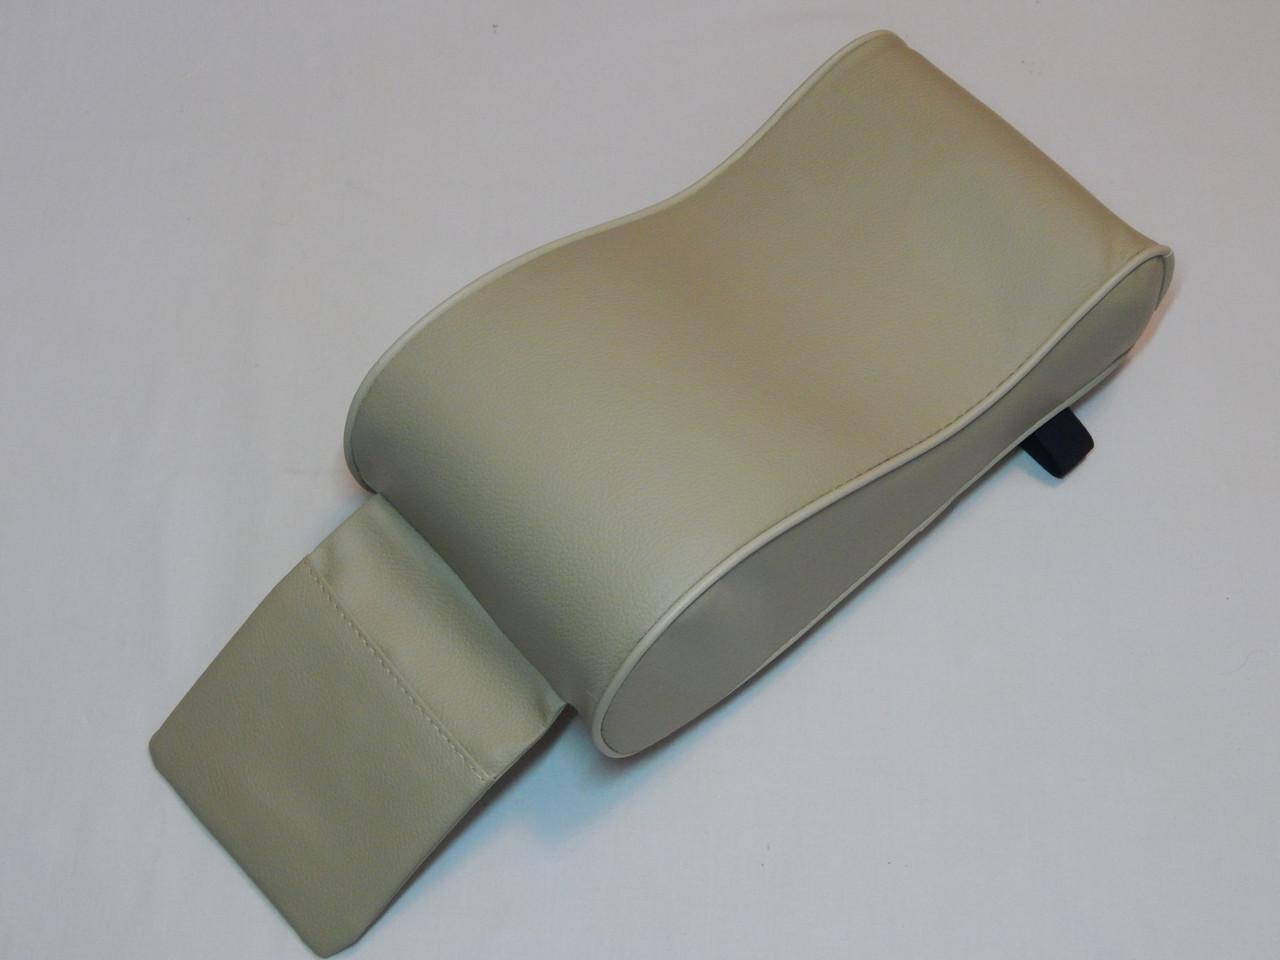 Підлокітник для салону автомобіля ZIRY штучна шкіра, бежевий